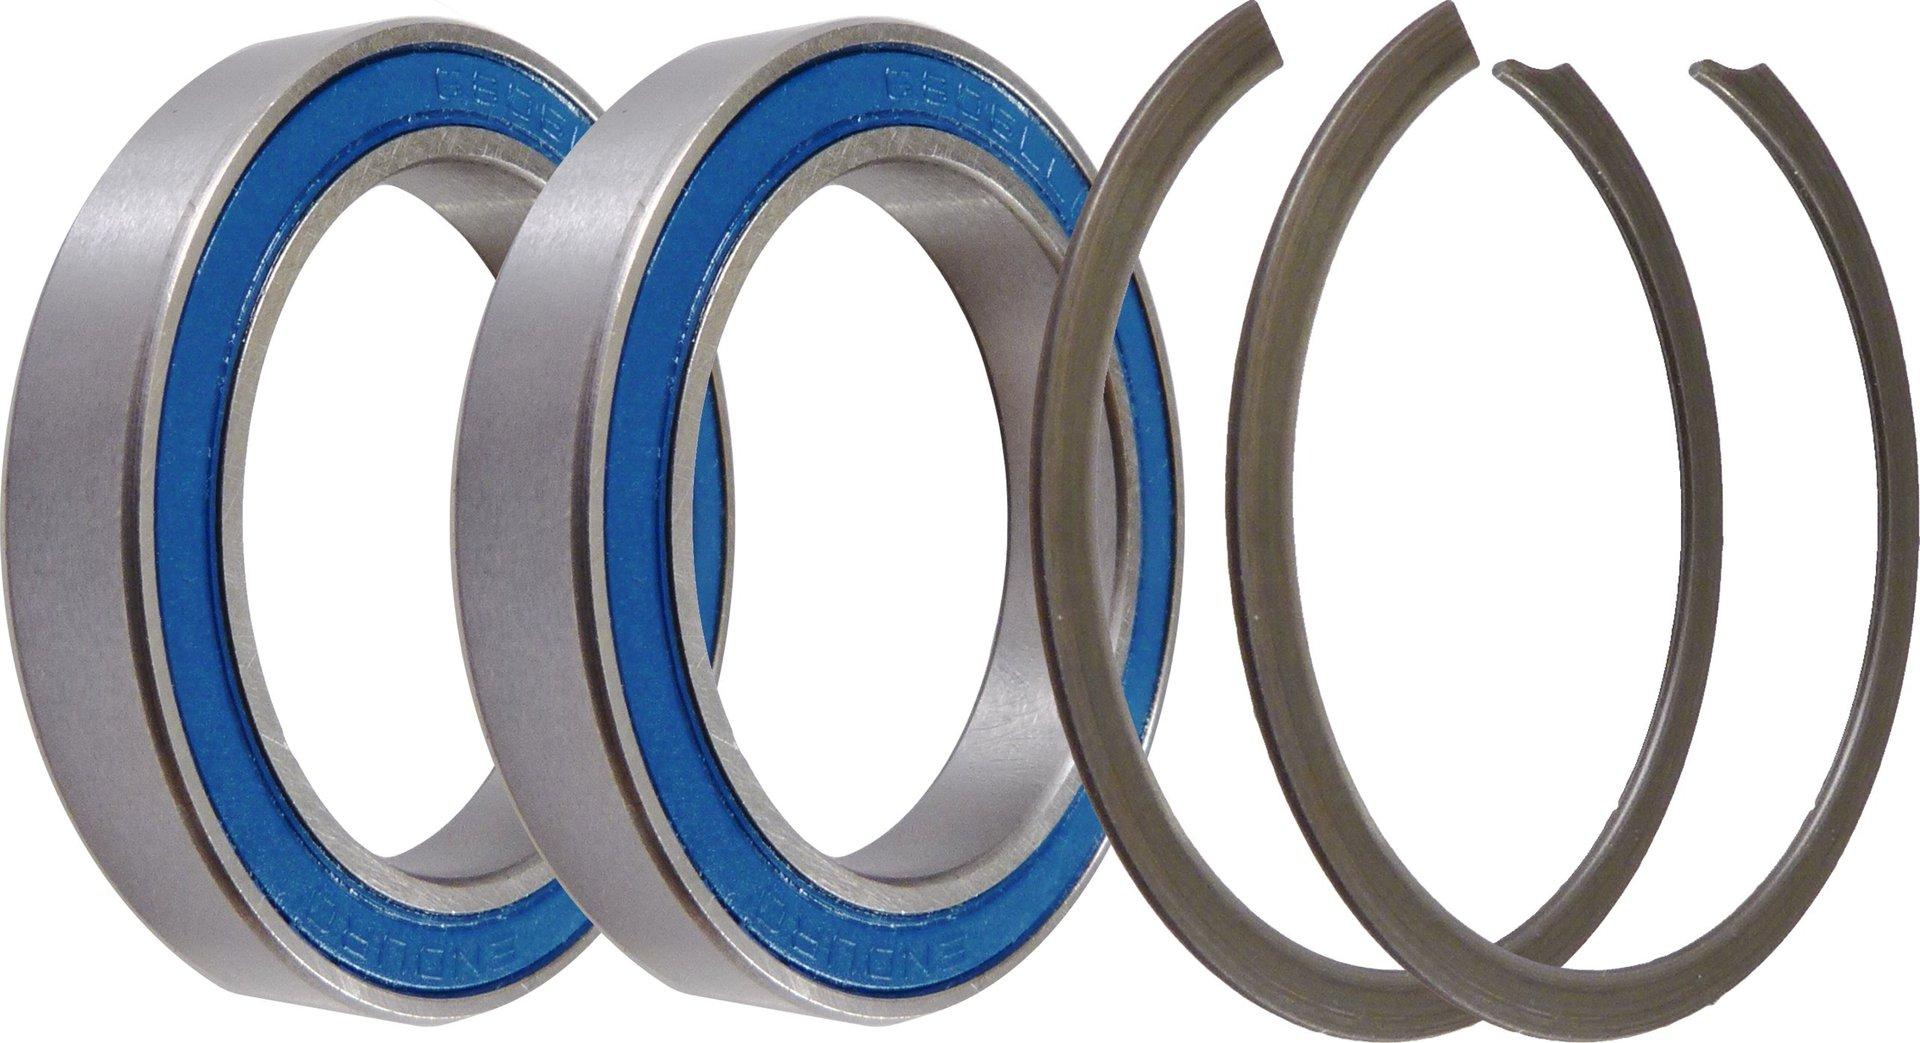 Enduro BB30 abec3 bearings kit